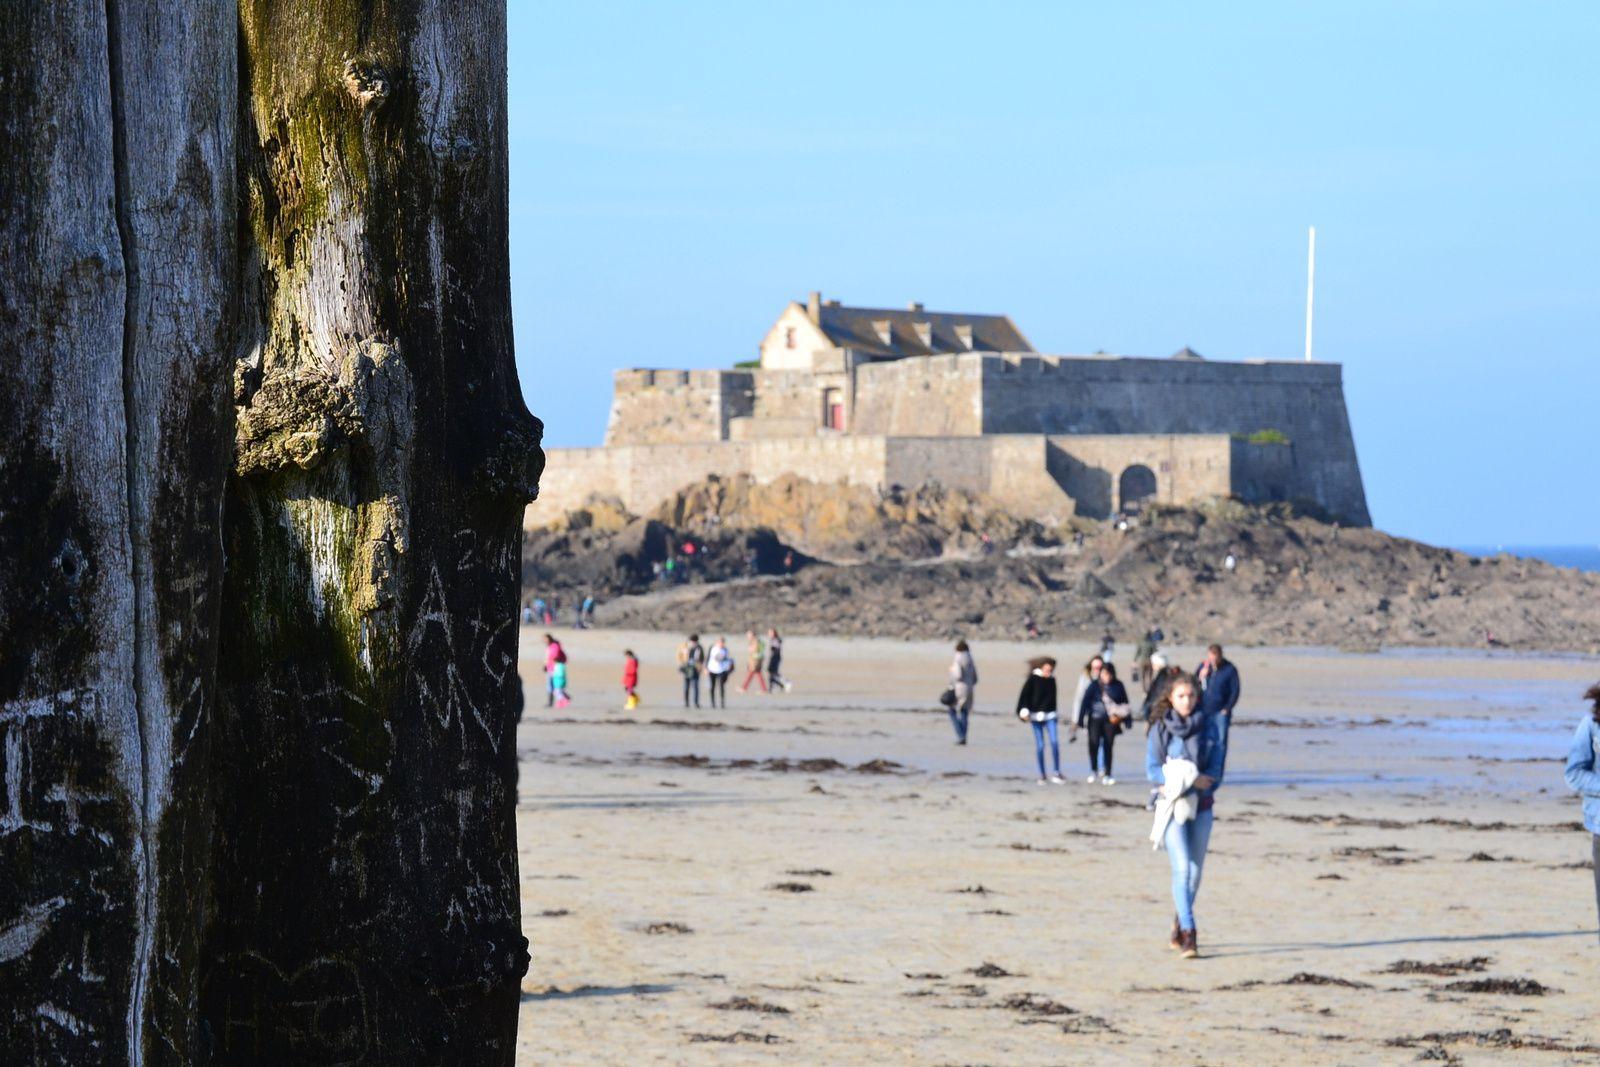 28 et 29 octobre. Saint-Malo, séance de dédicaces 3/3...